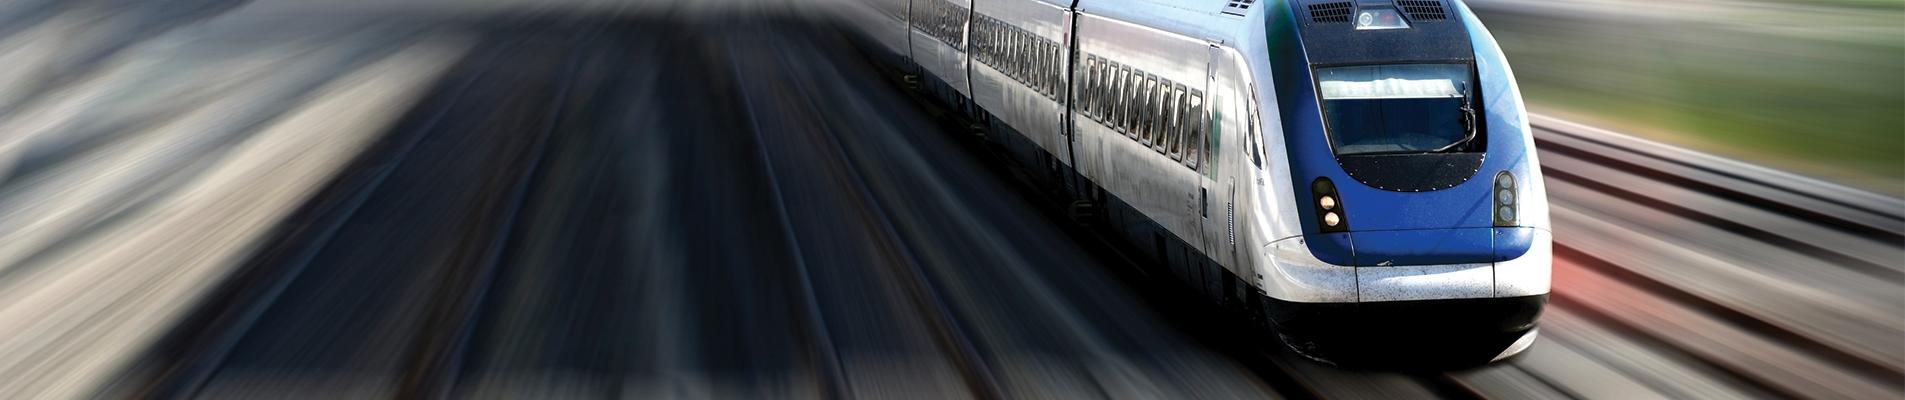 banner-market-trasportation-rail